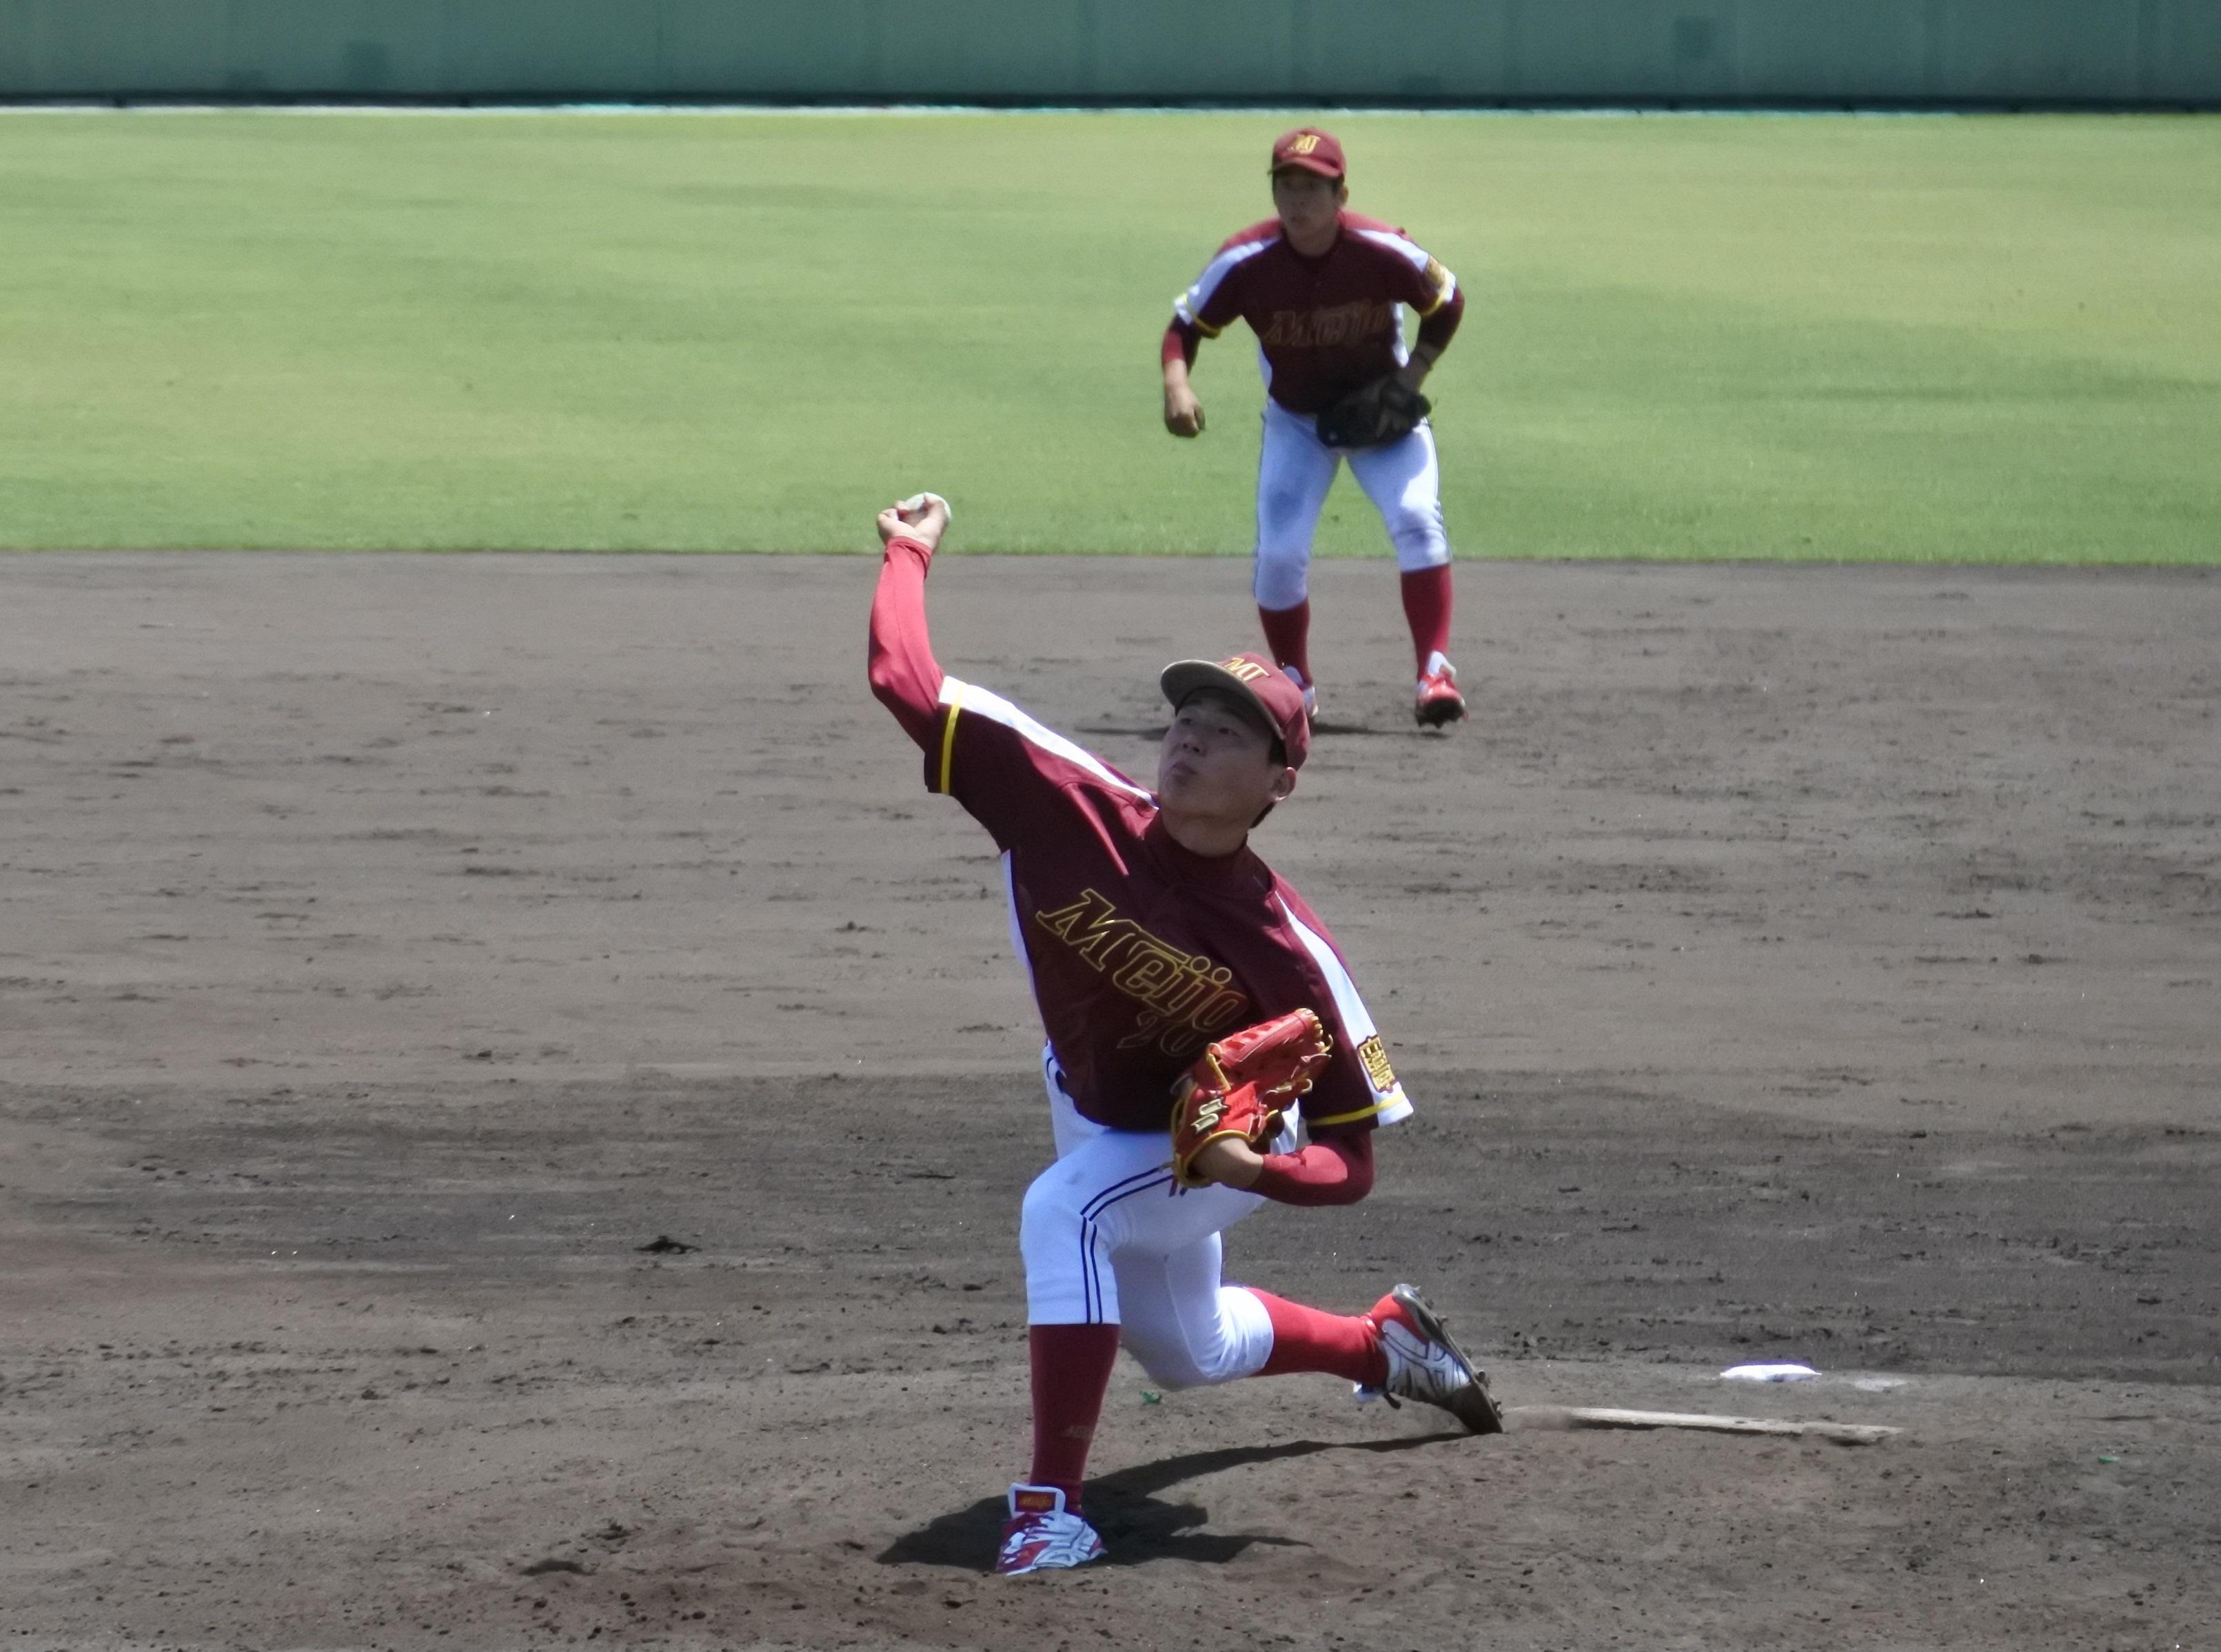 力投する栗林投手。後ろは遊撃の堀井選手